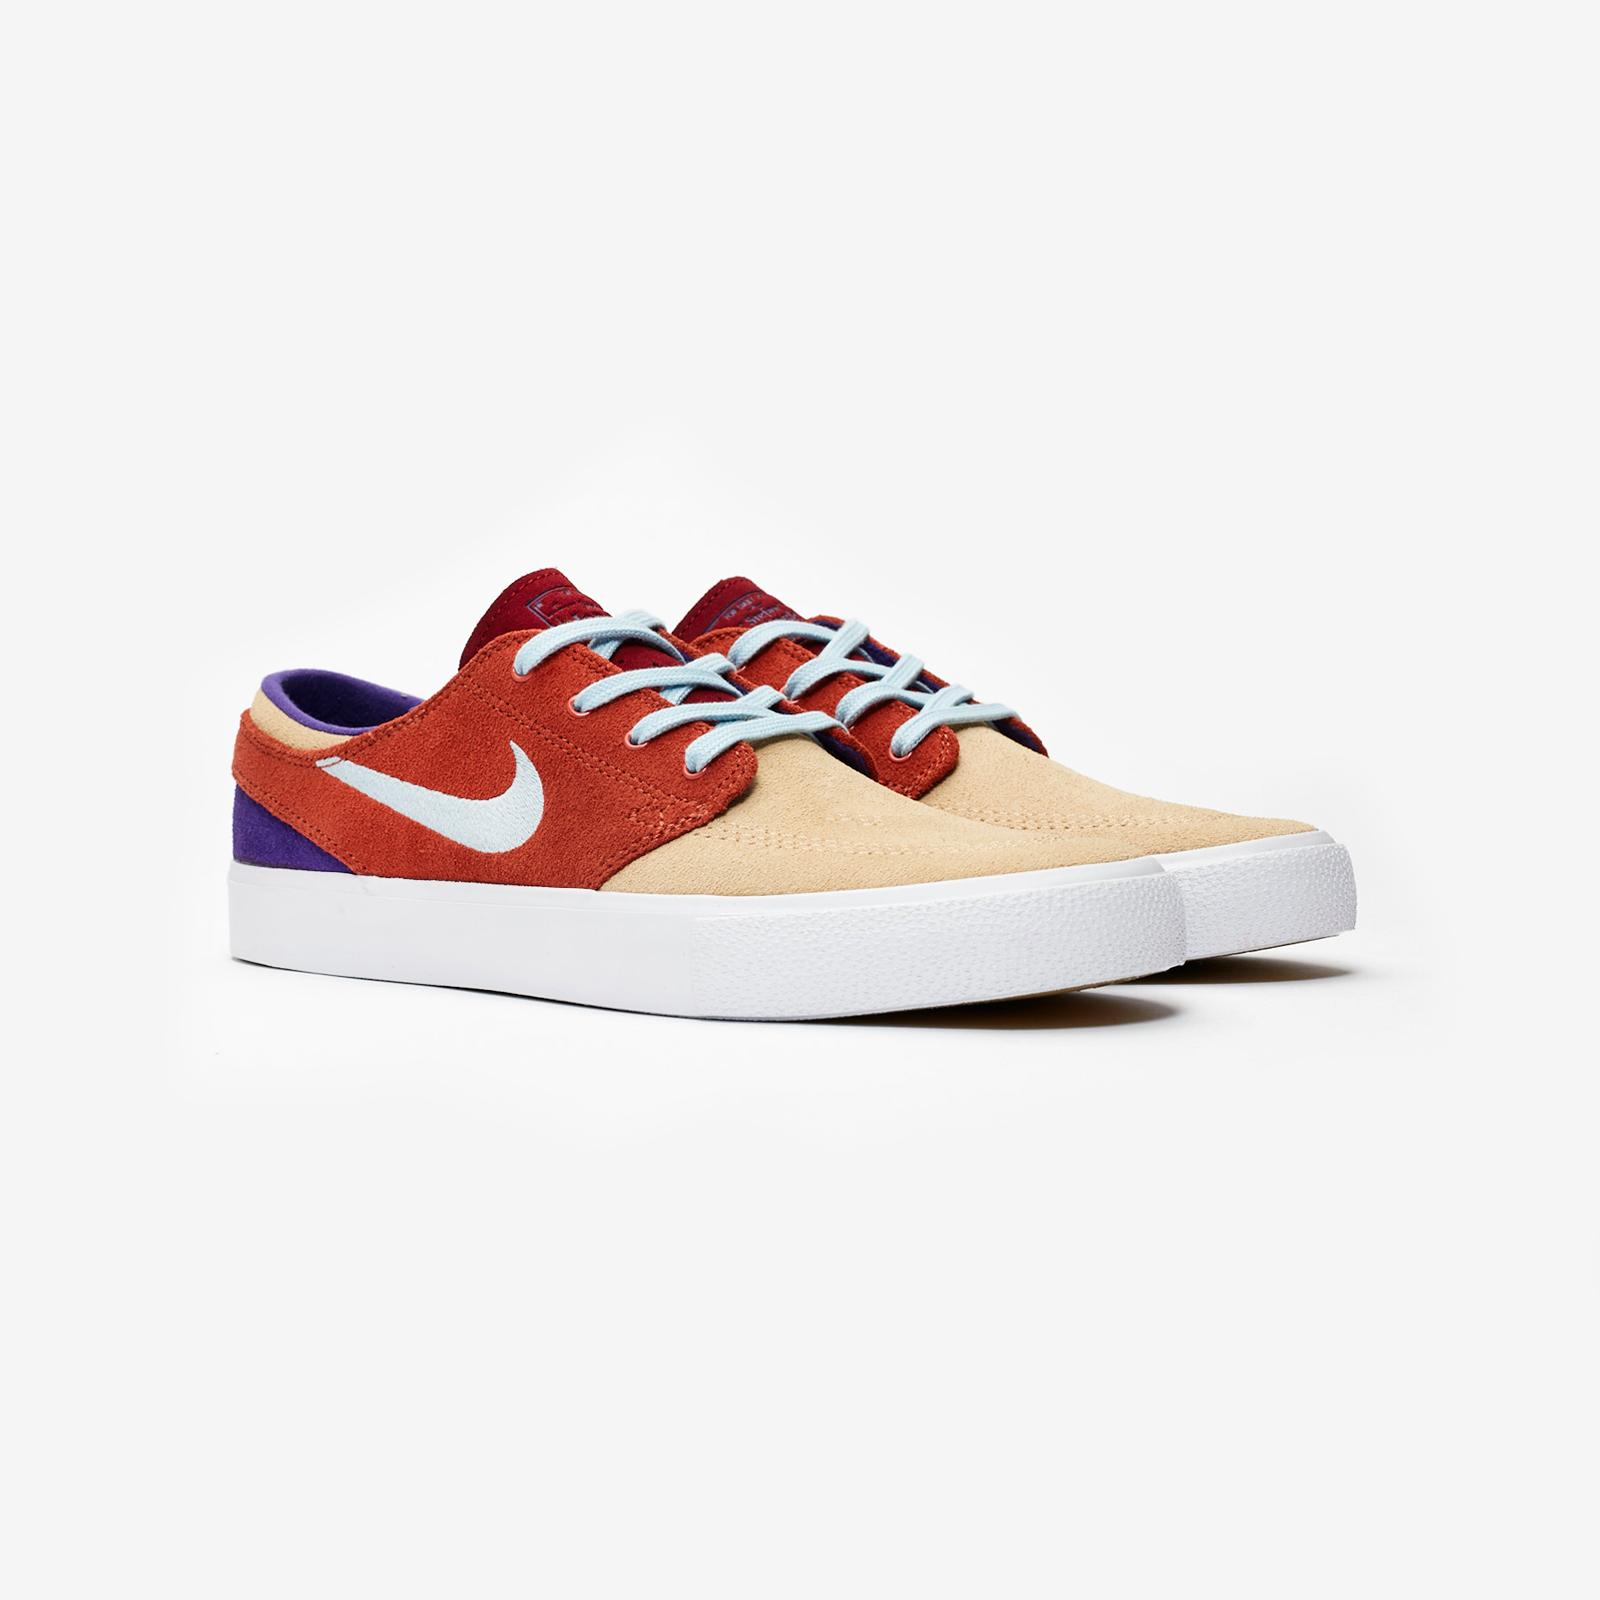 huge discount febae 0ea80 Nike SB Zoom Janoski RM